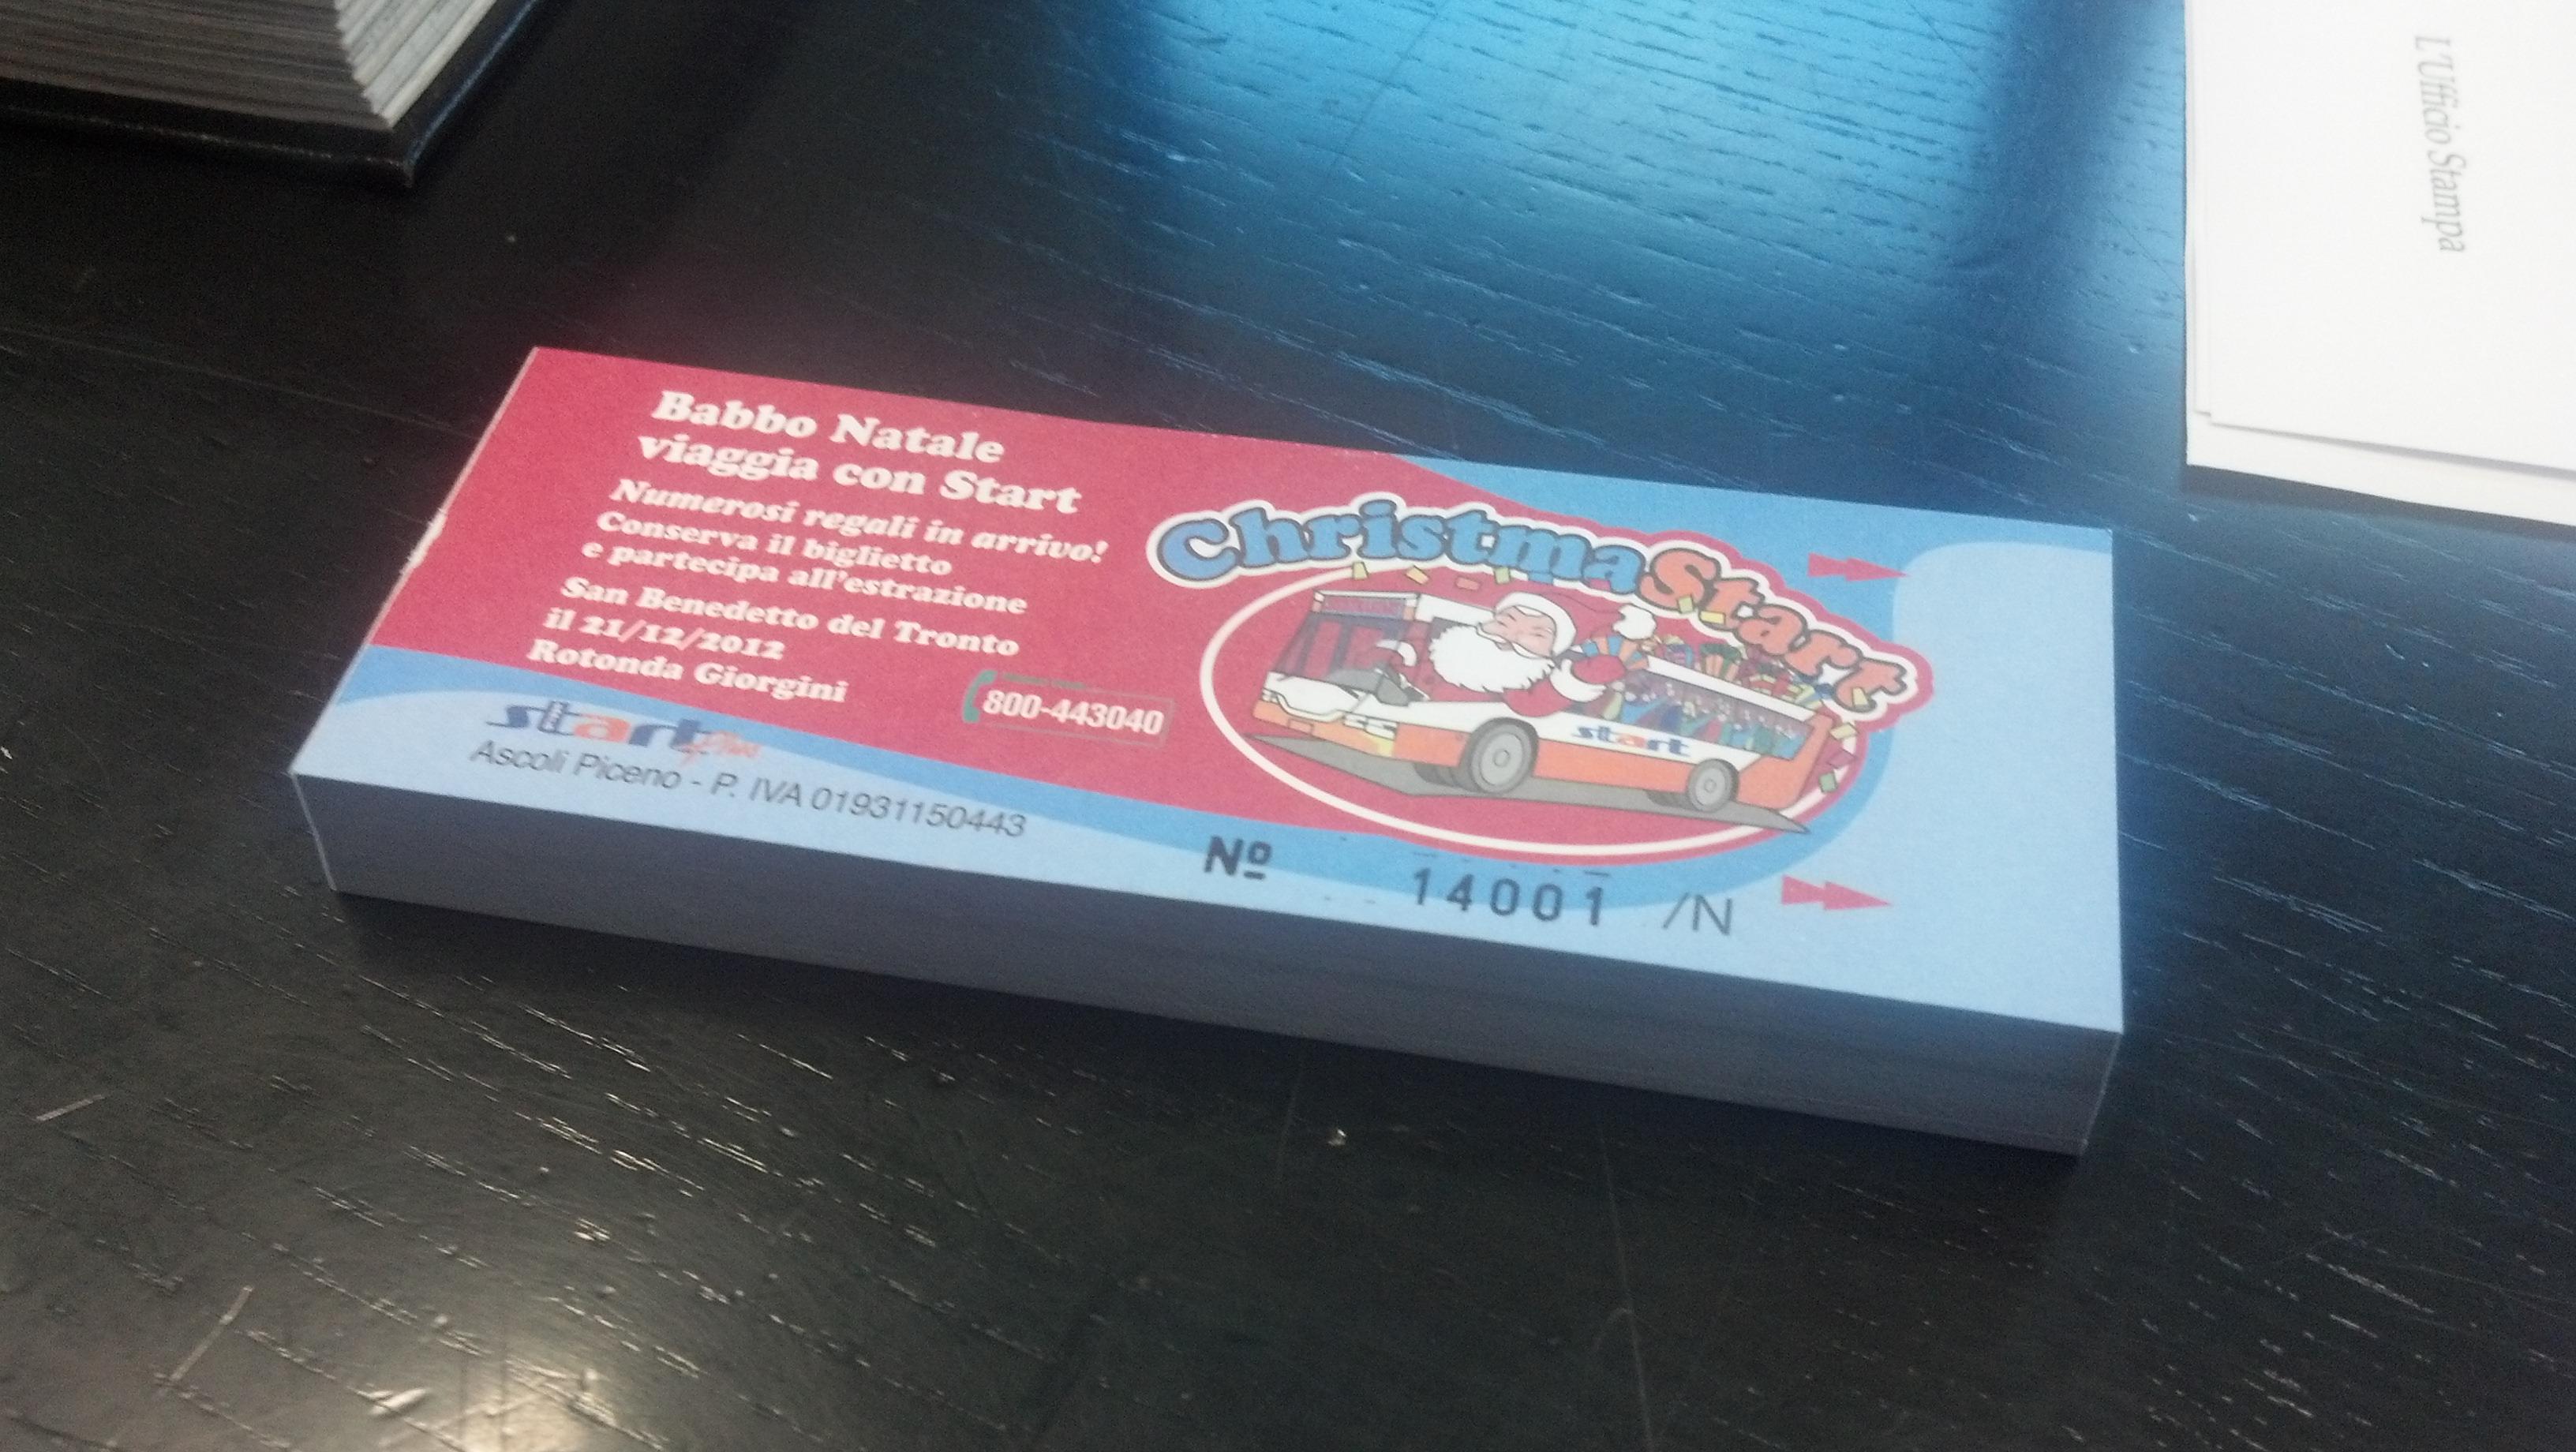 Il biglietto per il concorso natalizio della Start. Questo è il biglietto che sarà venduto a San Benedetto